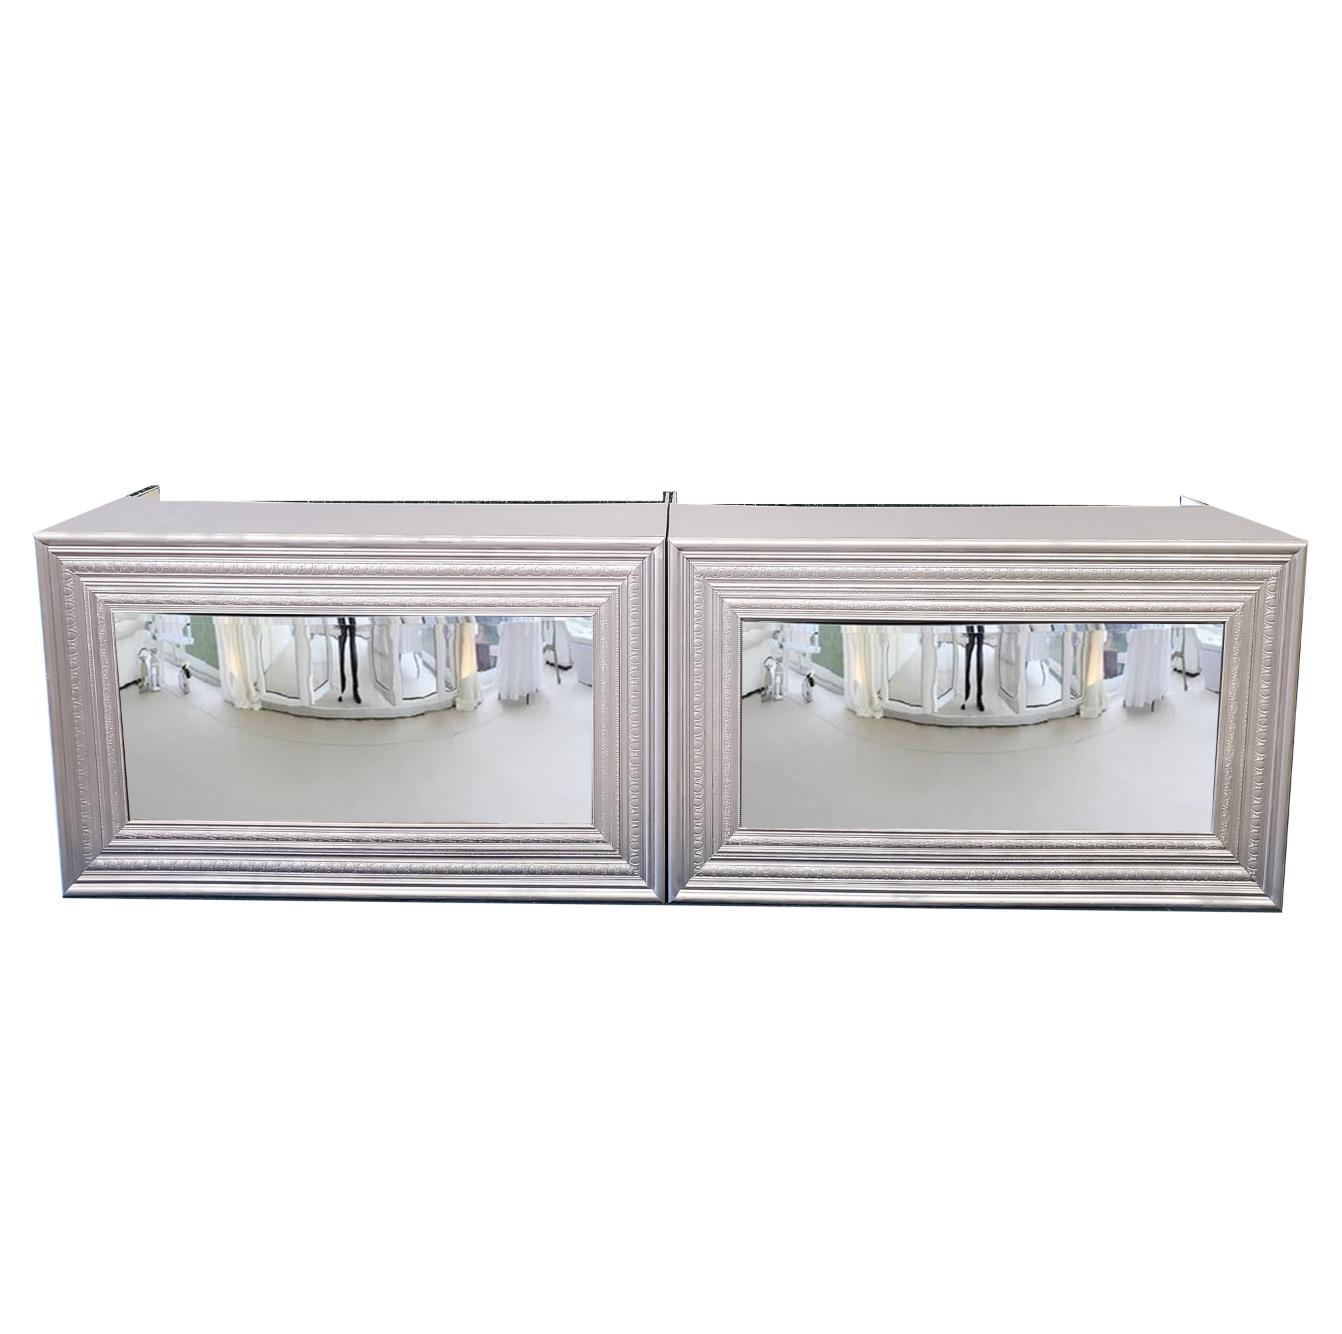 Double Silver Mirror Bar $400